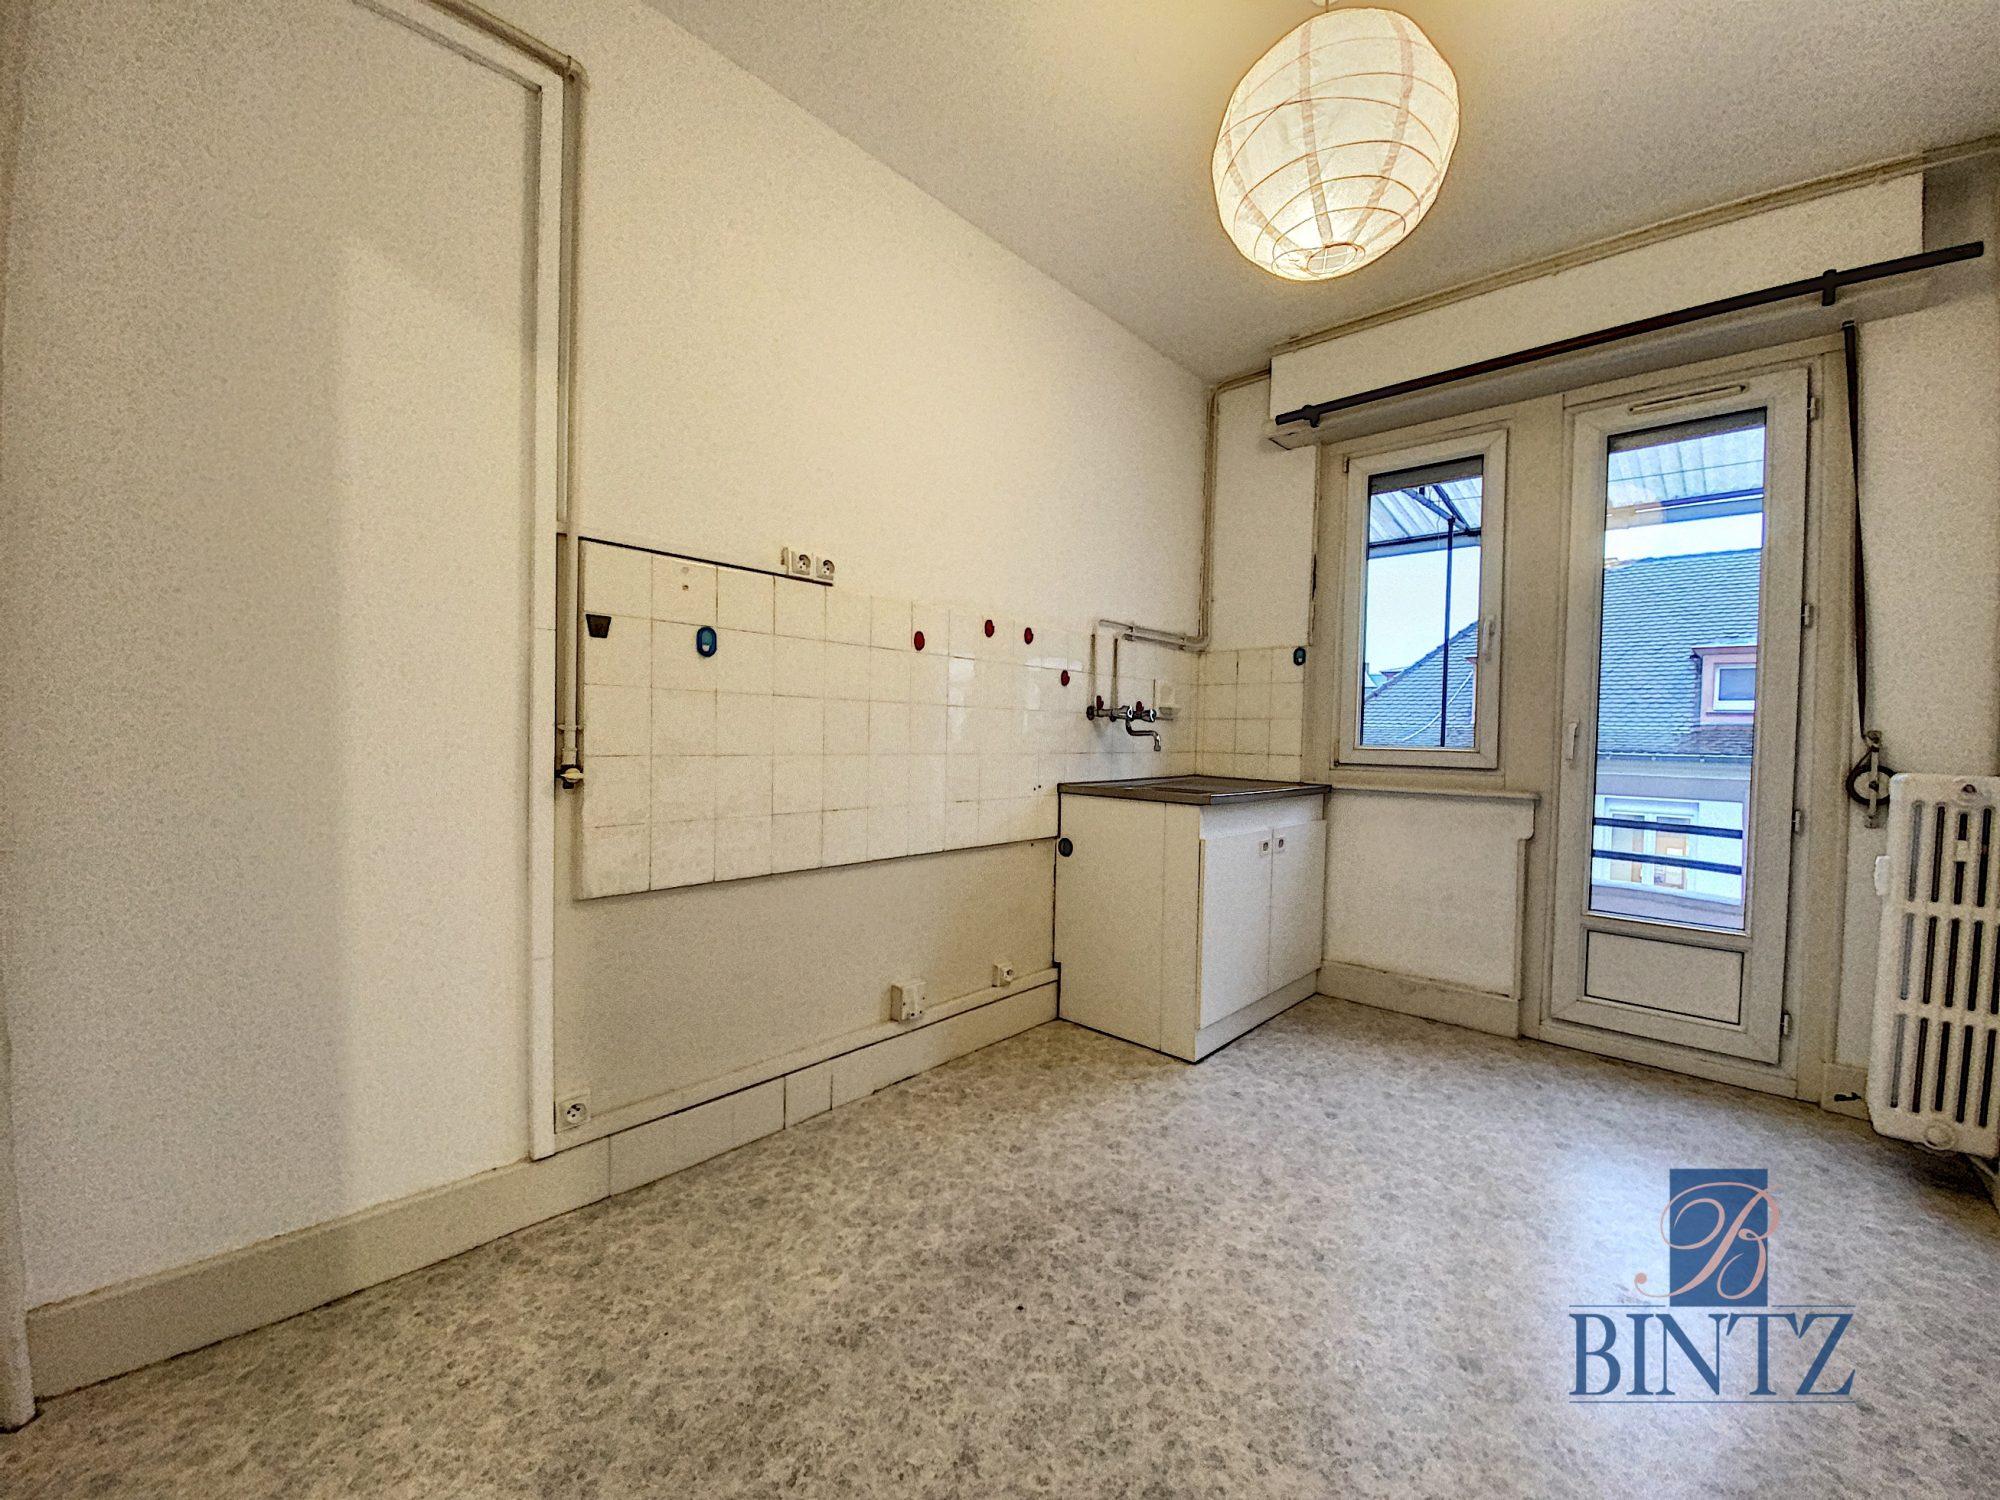 T1 KRUTENAU AVEC BALCON - Devenez locataire en toute sérénité - Bintz Immobilier - 4